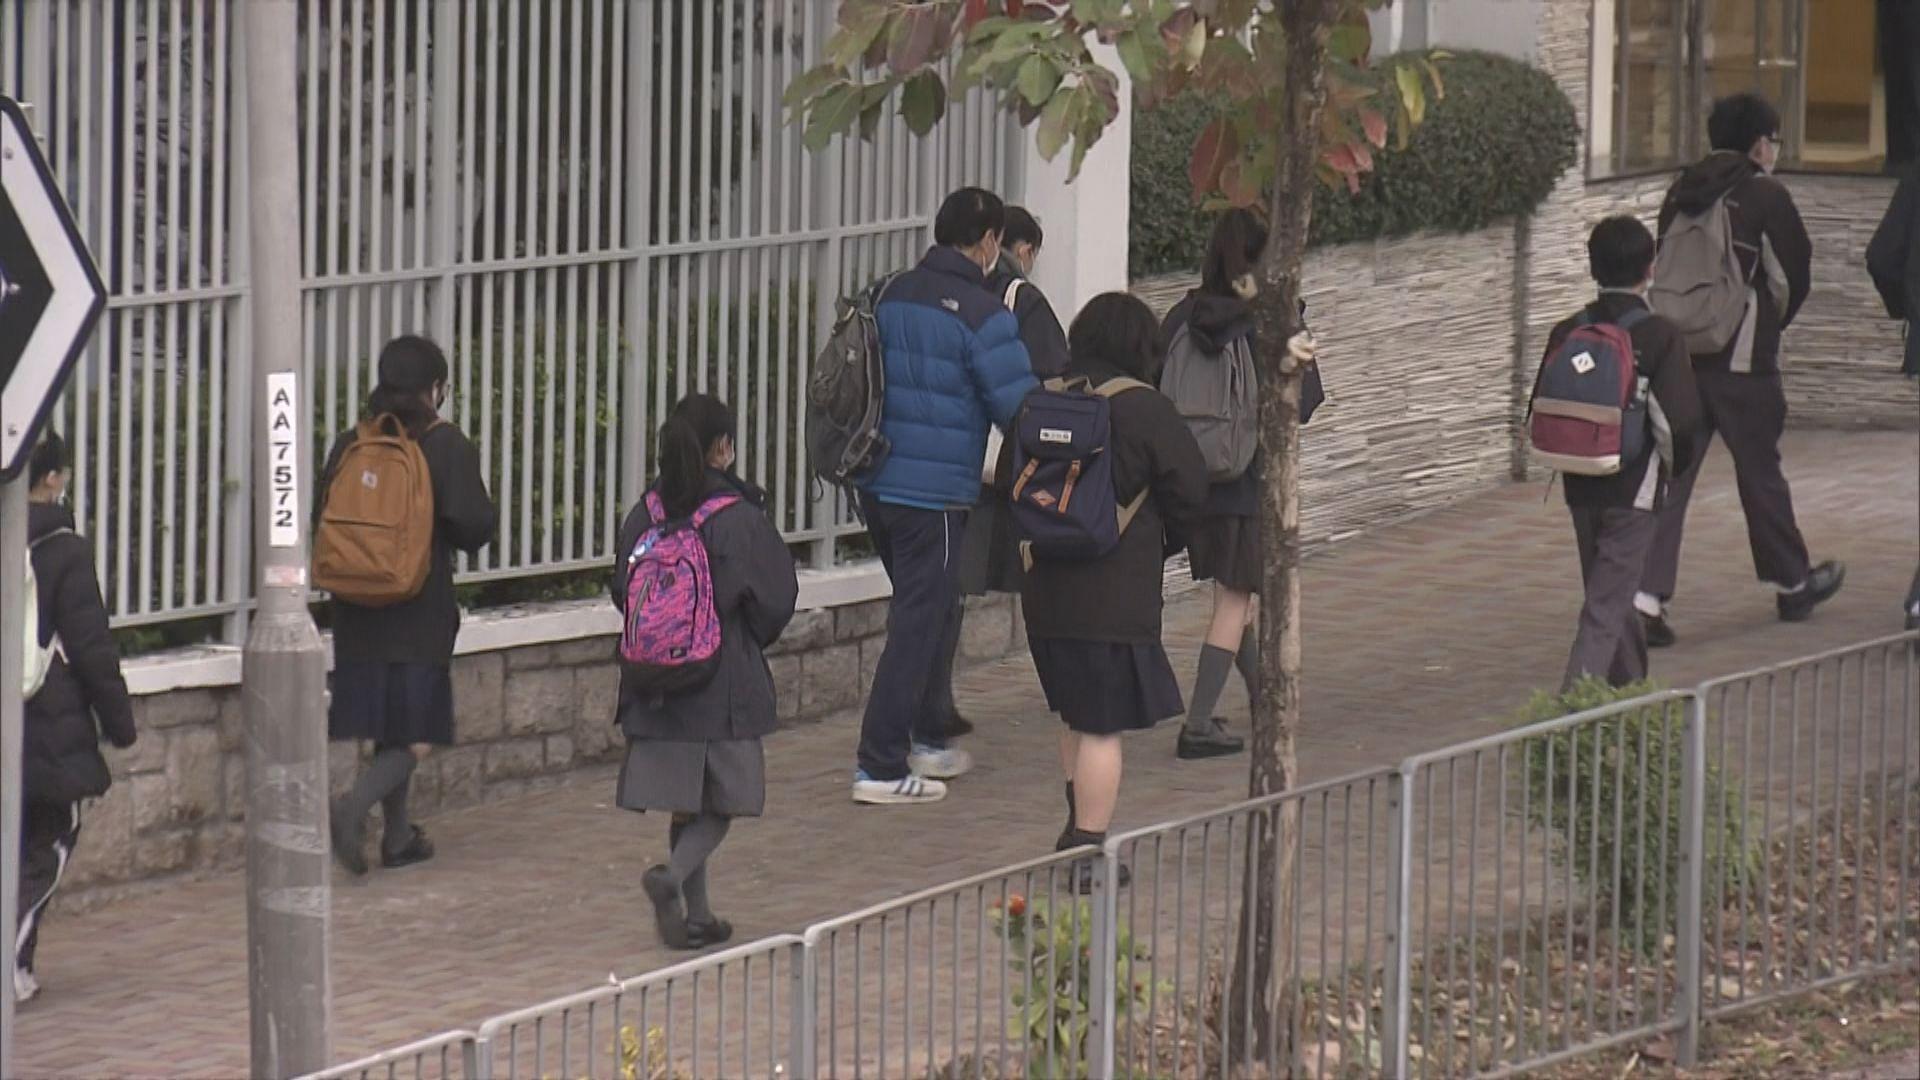 中小學有限度面授 有學生憂百多人同場考試增感染風險